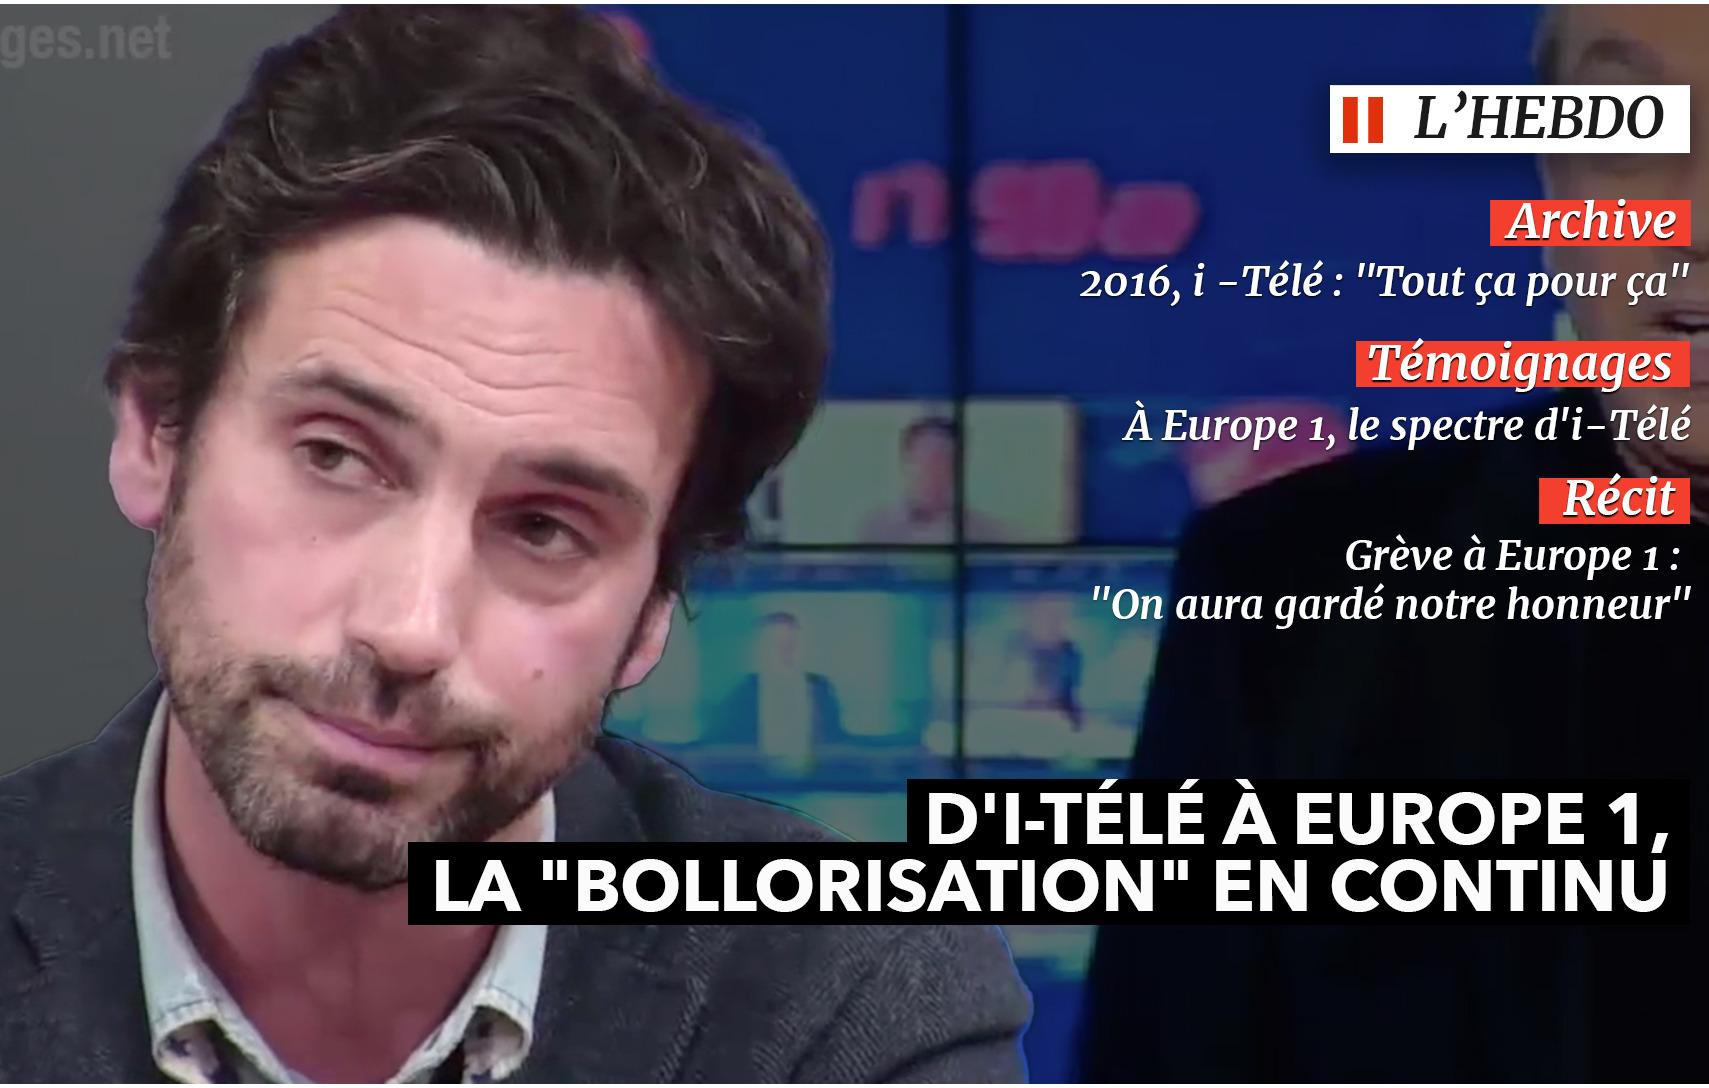 L'Hebdo #42. D'i-Télé à Europe 1, la